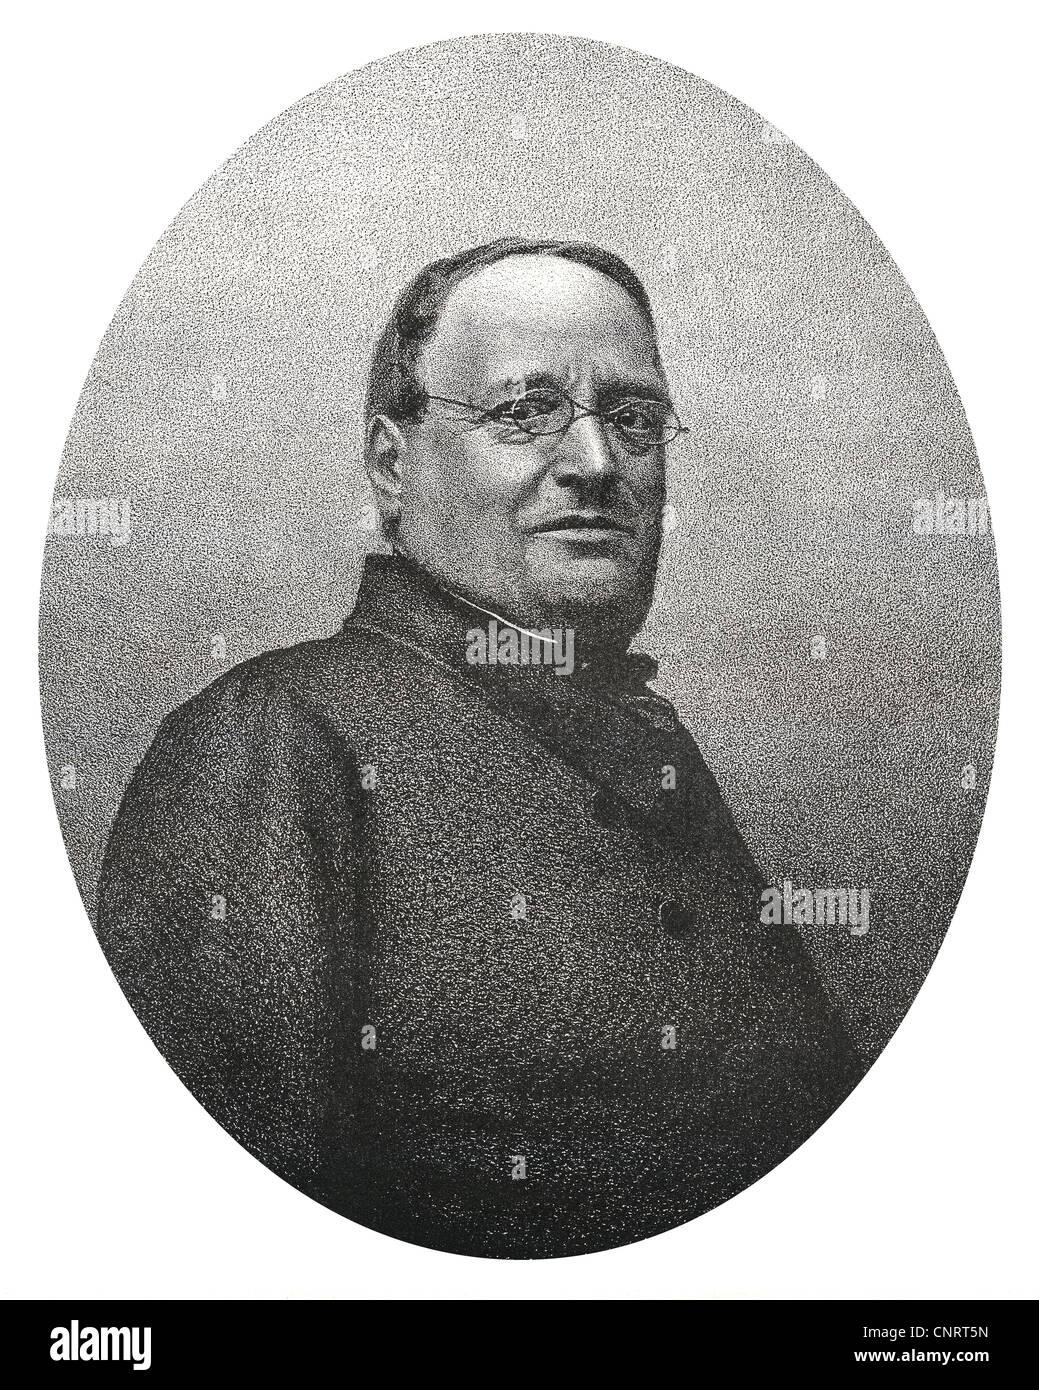 Henry Bonaventure Monnier, 1799-1877, ein französischer Dramatiker, Künstler und Schauspieler, Stockbild